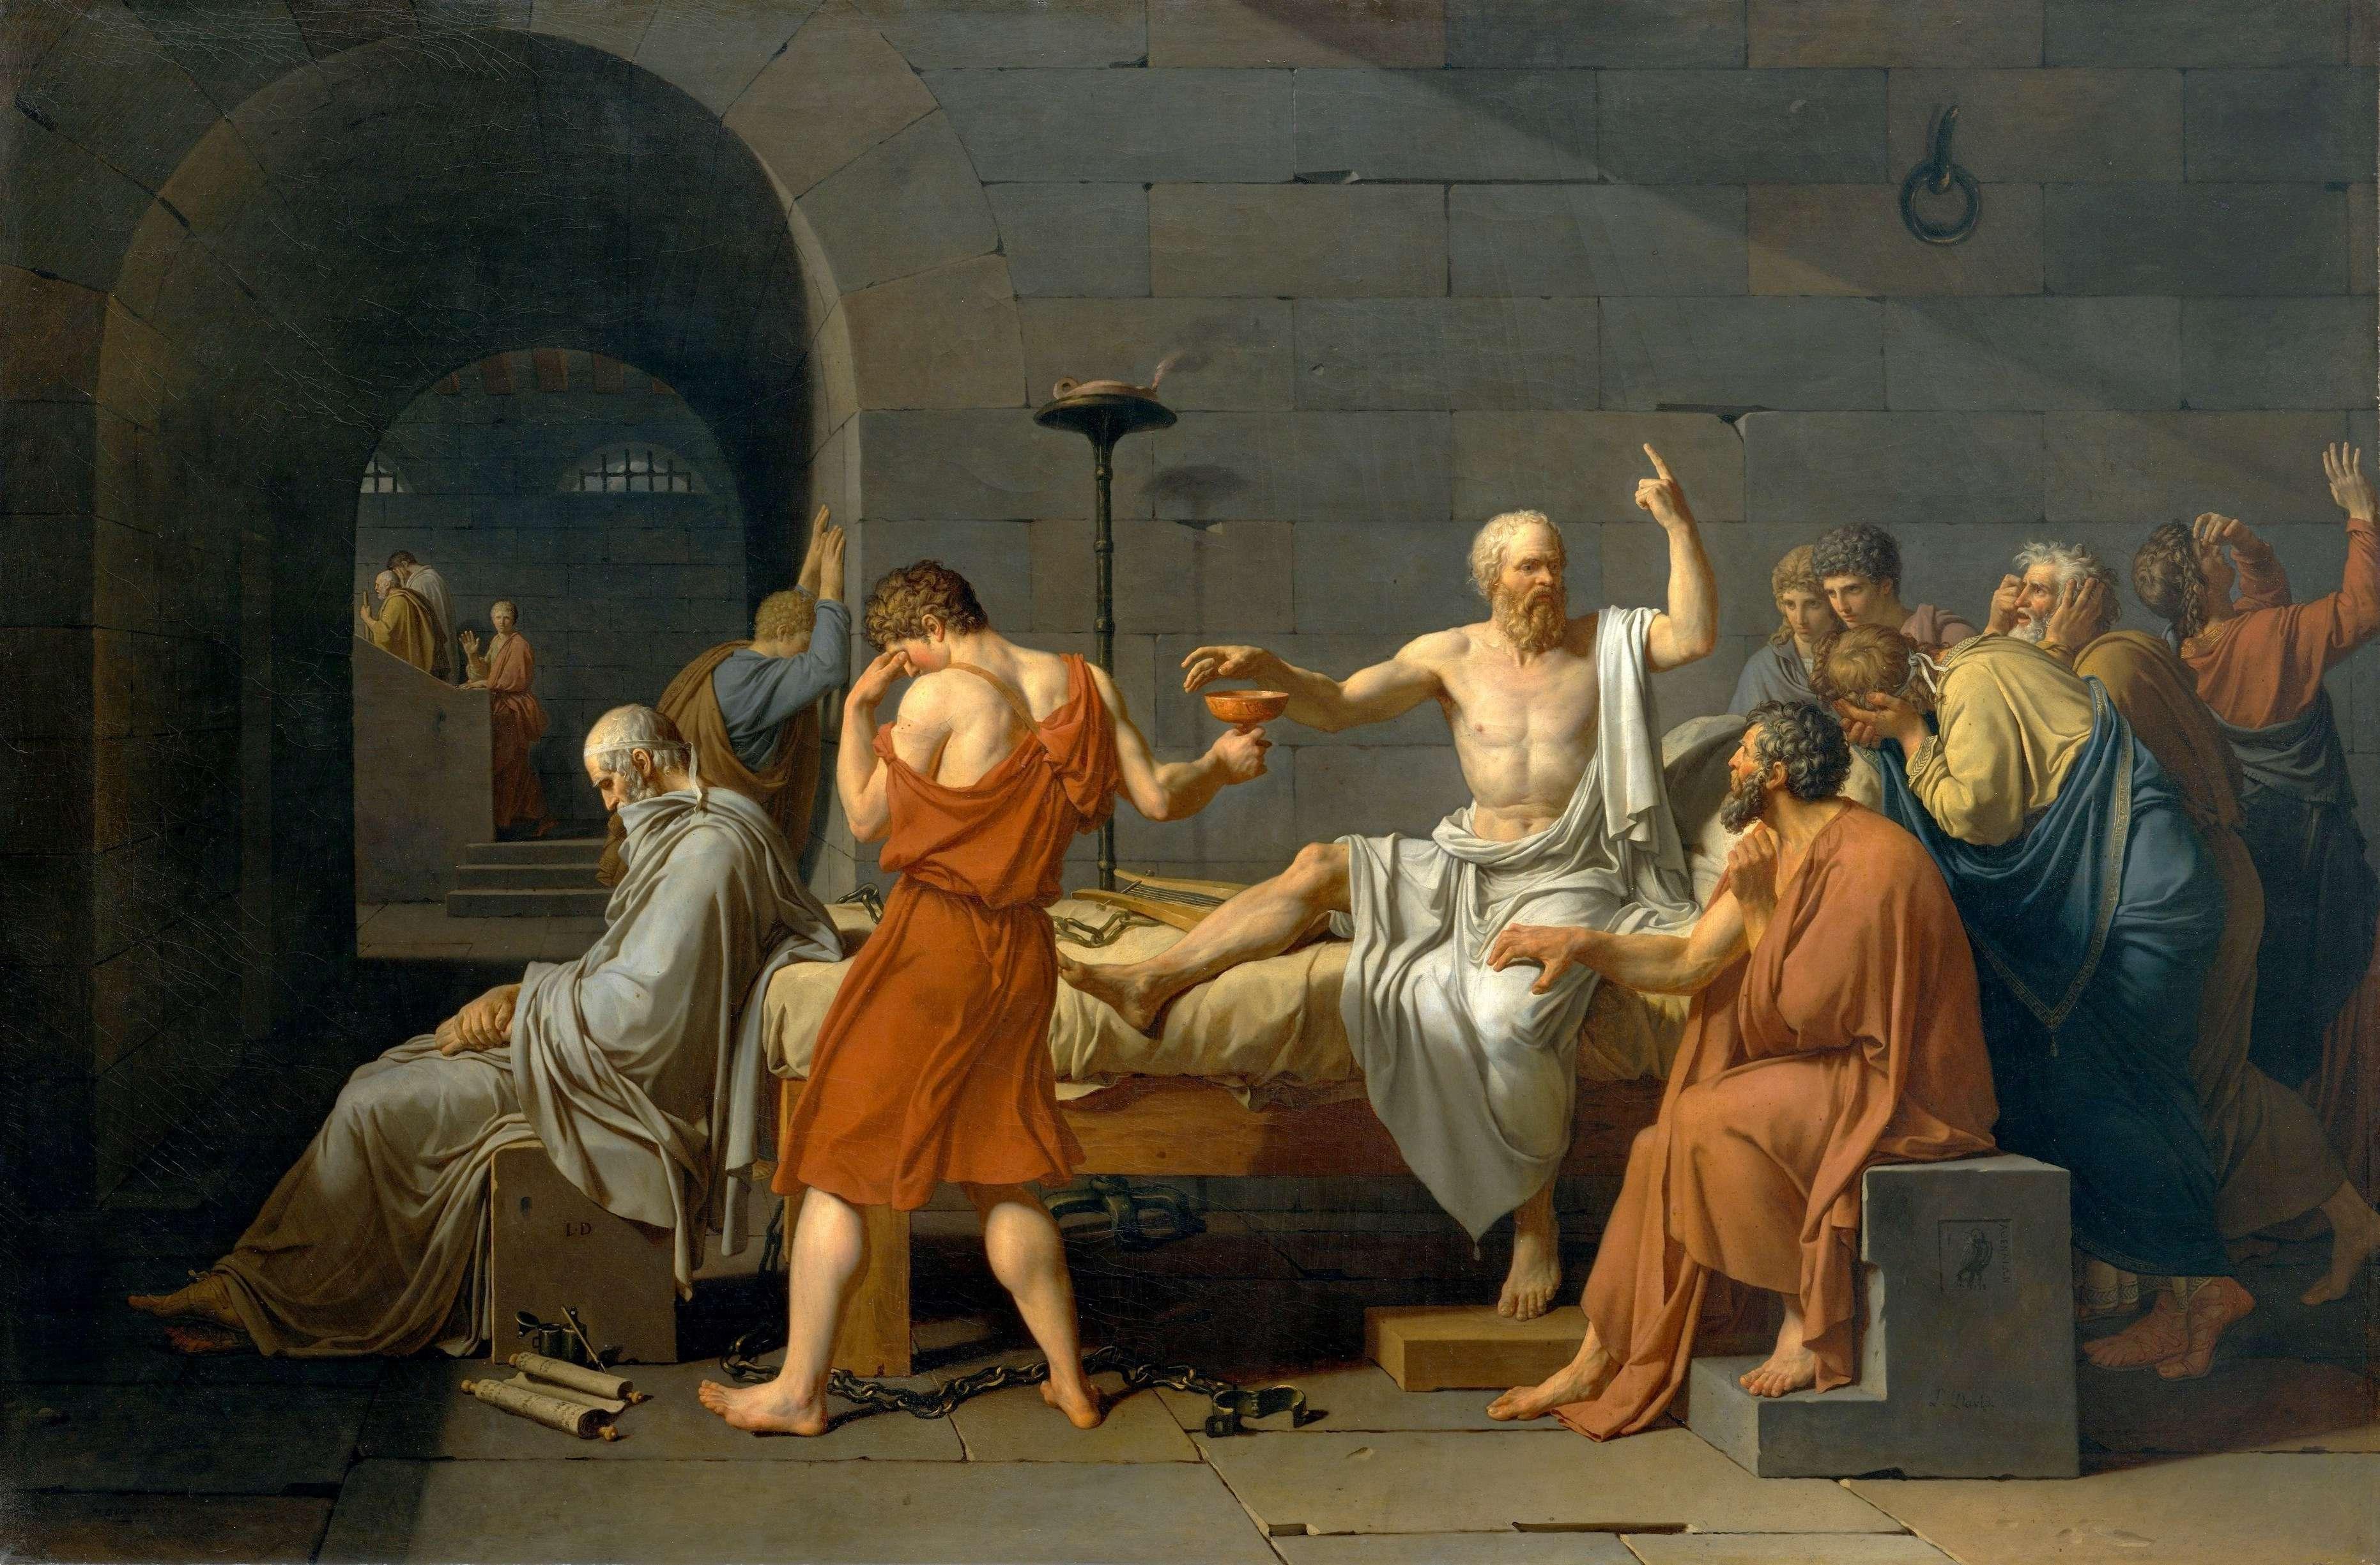 Πίνακας του Ζακ-Λουί Νταβίντ (1787) Ο Θάνατος του Σωκράτη